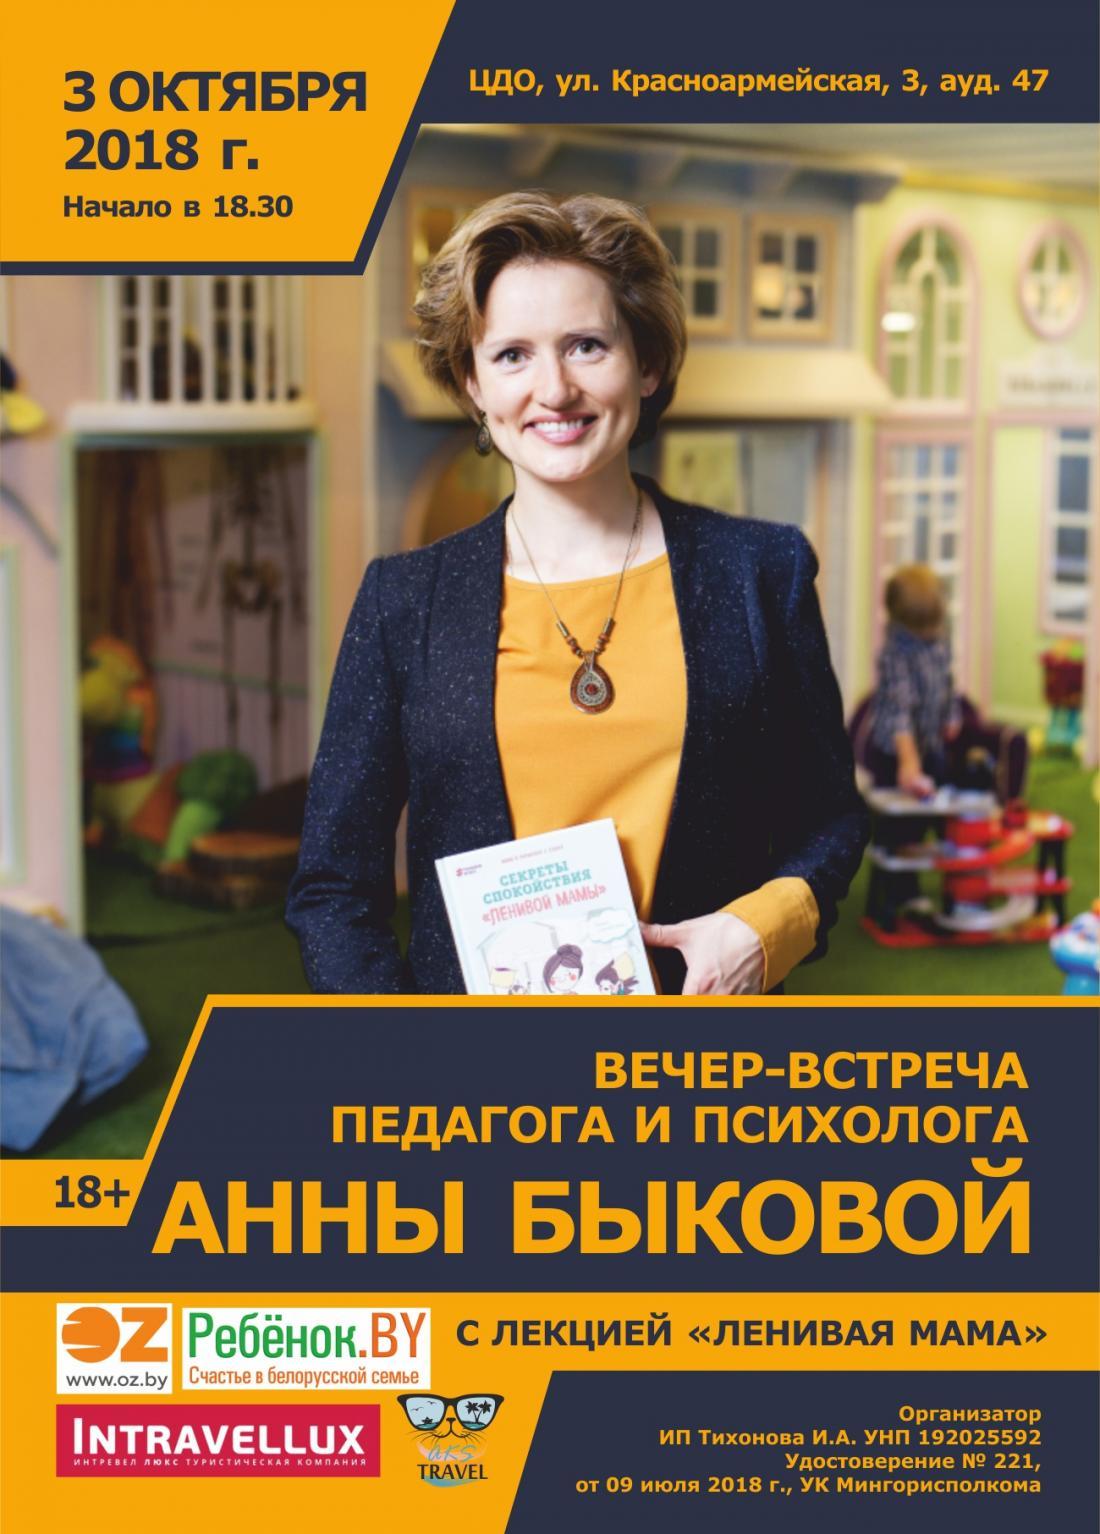 """3 октября лекция педагога и психолога Анны Быковой """"Ленивая мама"""" от 10,25 руб."""